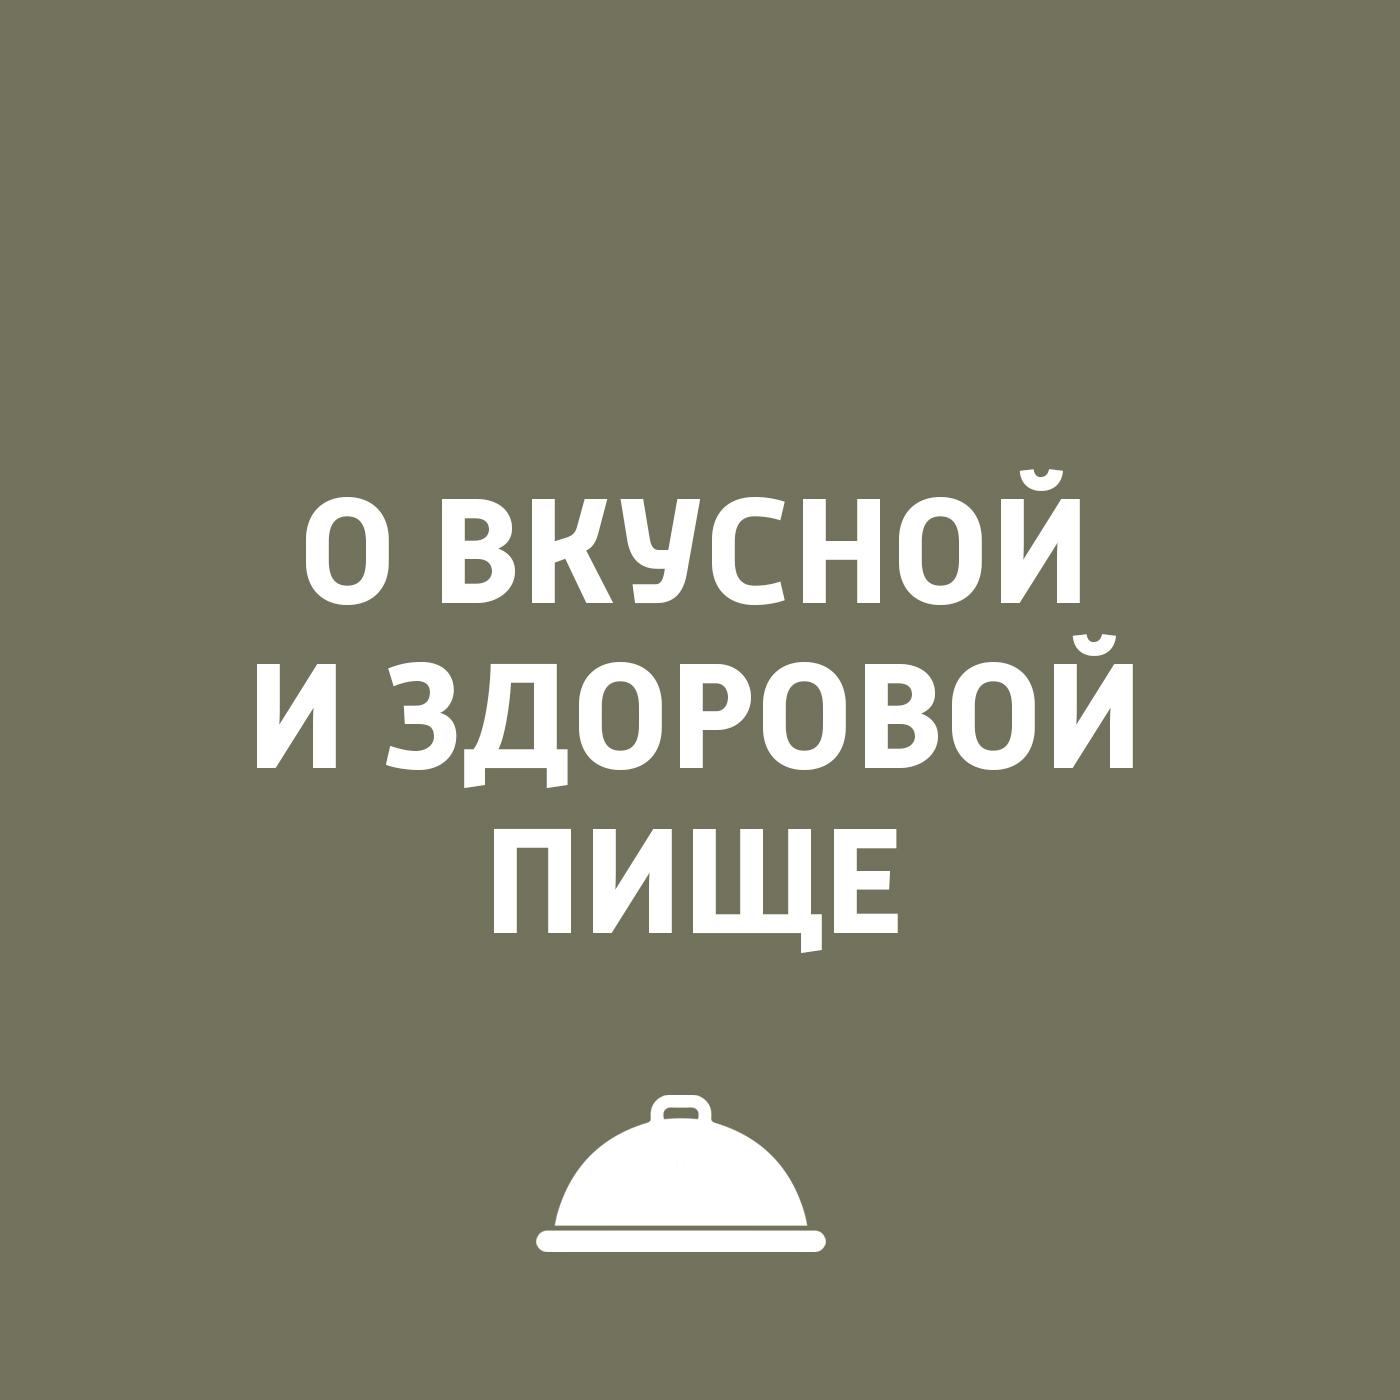 Игорь Ружейников Что такое «хорошее вино»? игорь ружейников нижегородская ярмарка выставка достижений капиталистического хозяйства империи